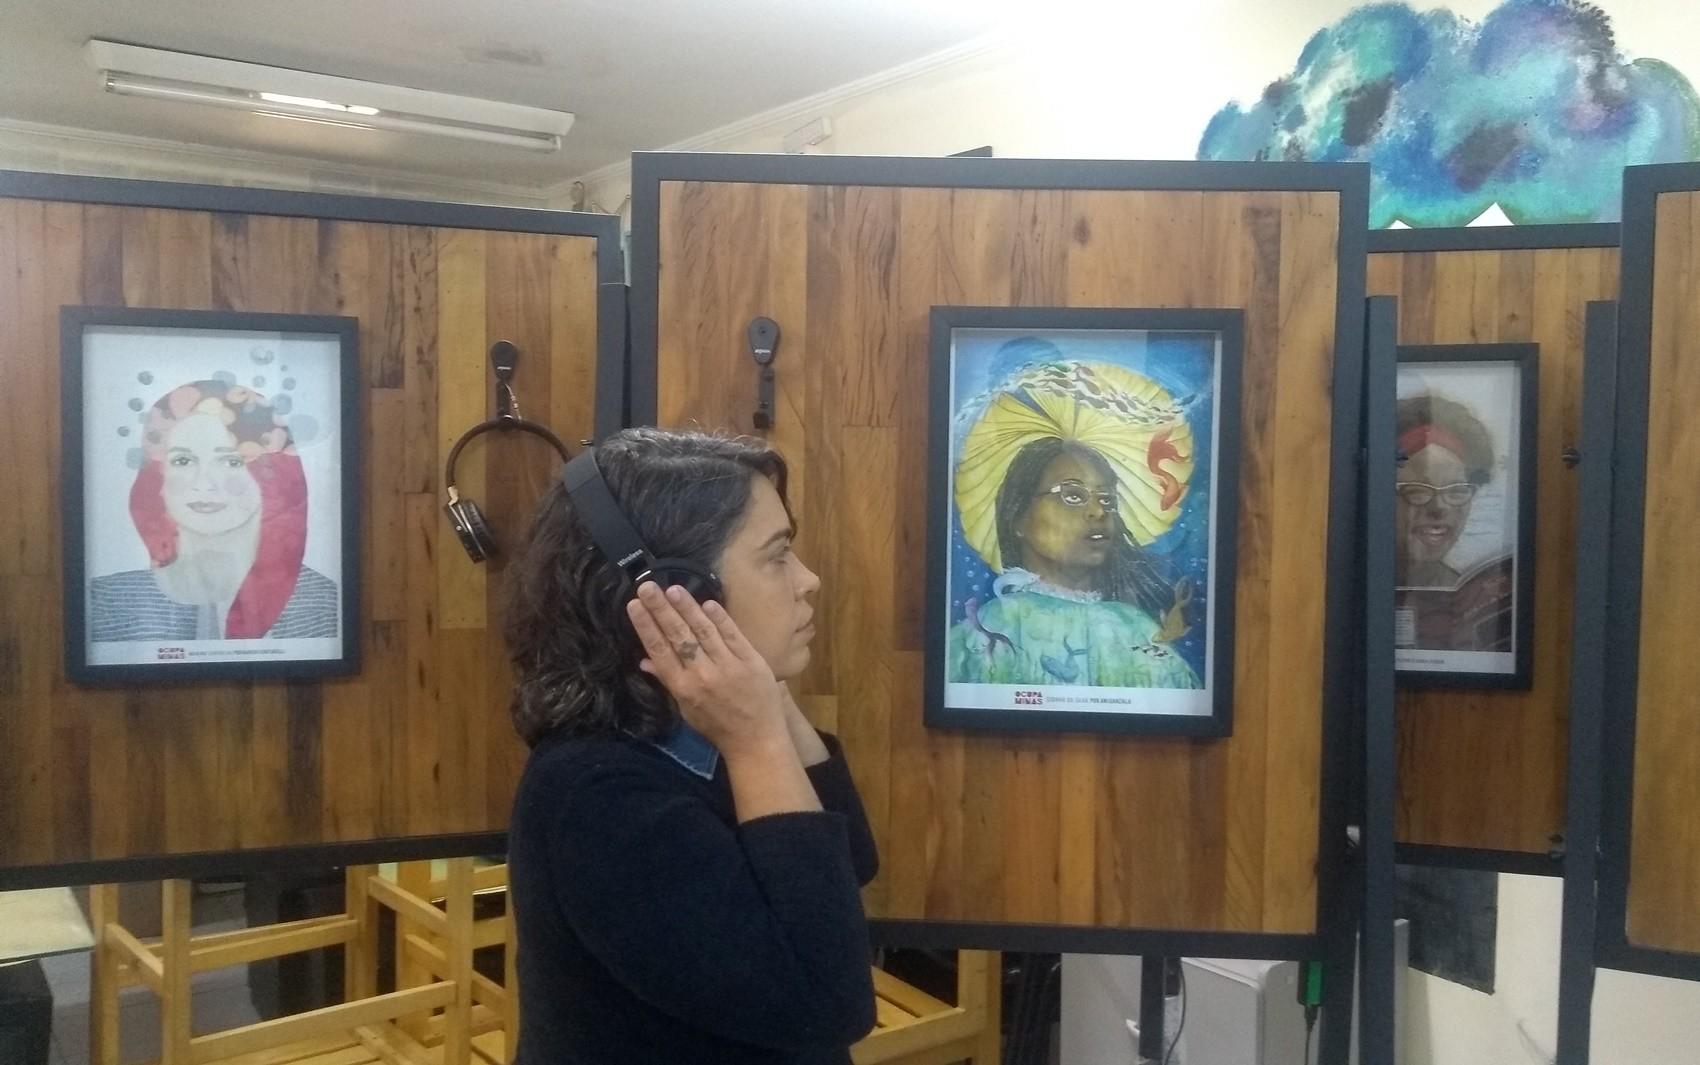 Exposição multimídia homenageia escritoras mineiras em Poços de Caldas, MG